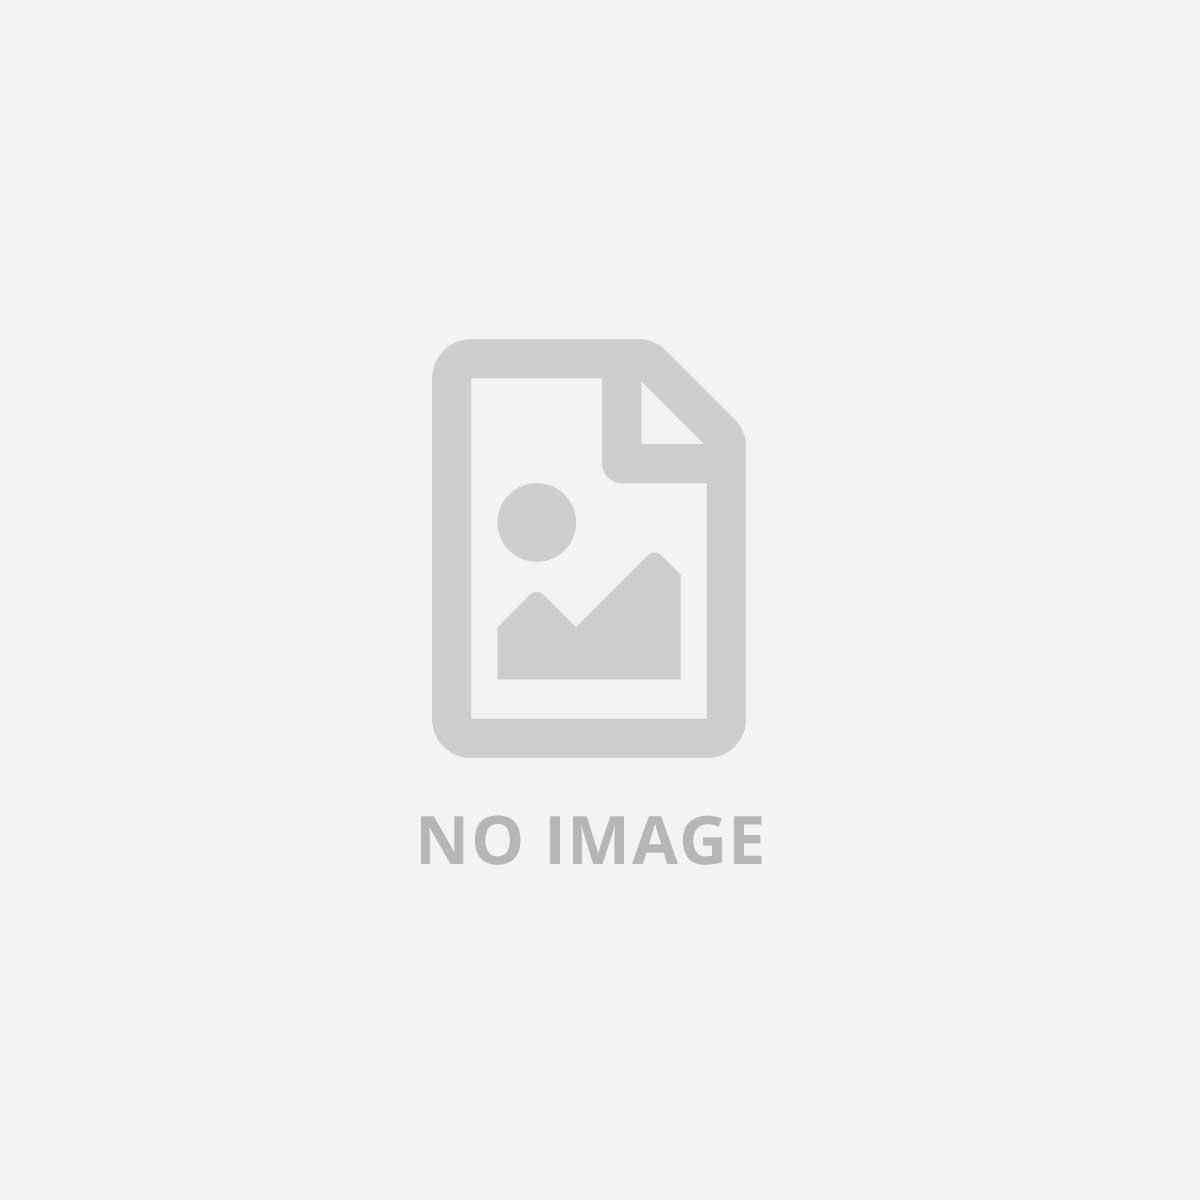 WESTERN DIGITAL HDD 3.5 1TB WD BLUE SATA3 (DK)